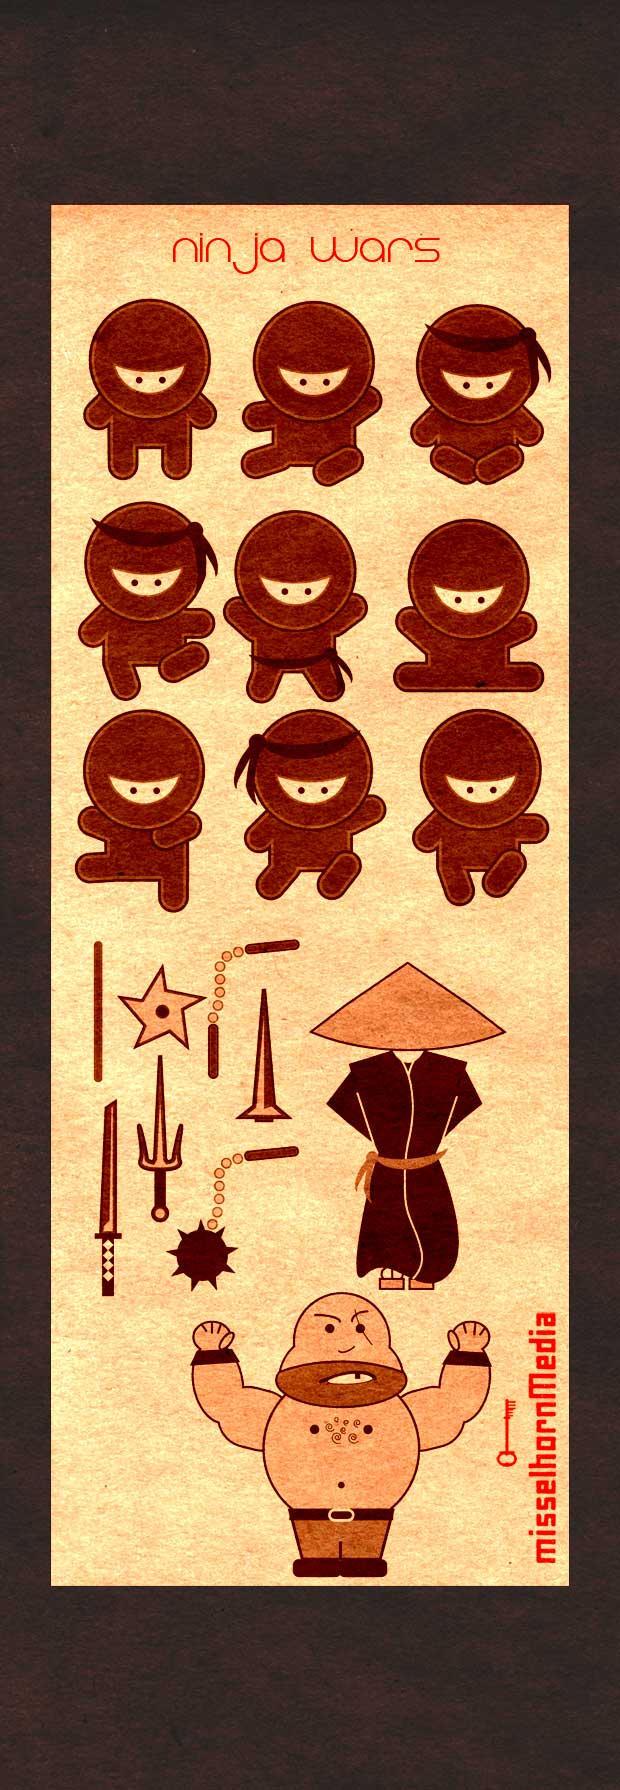 Photoshop Brush Ninja Wars by cwylie0